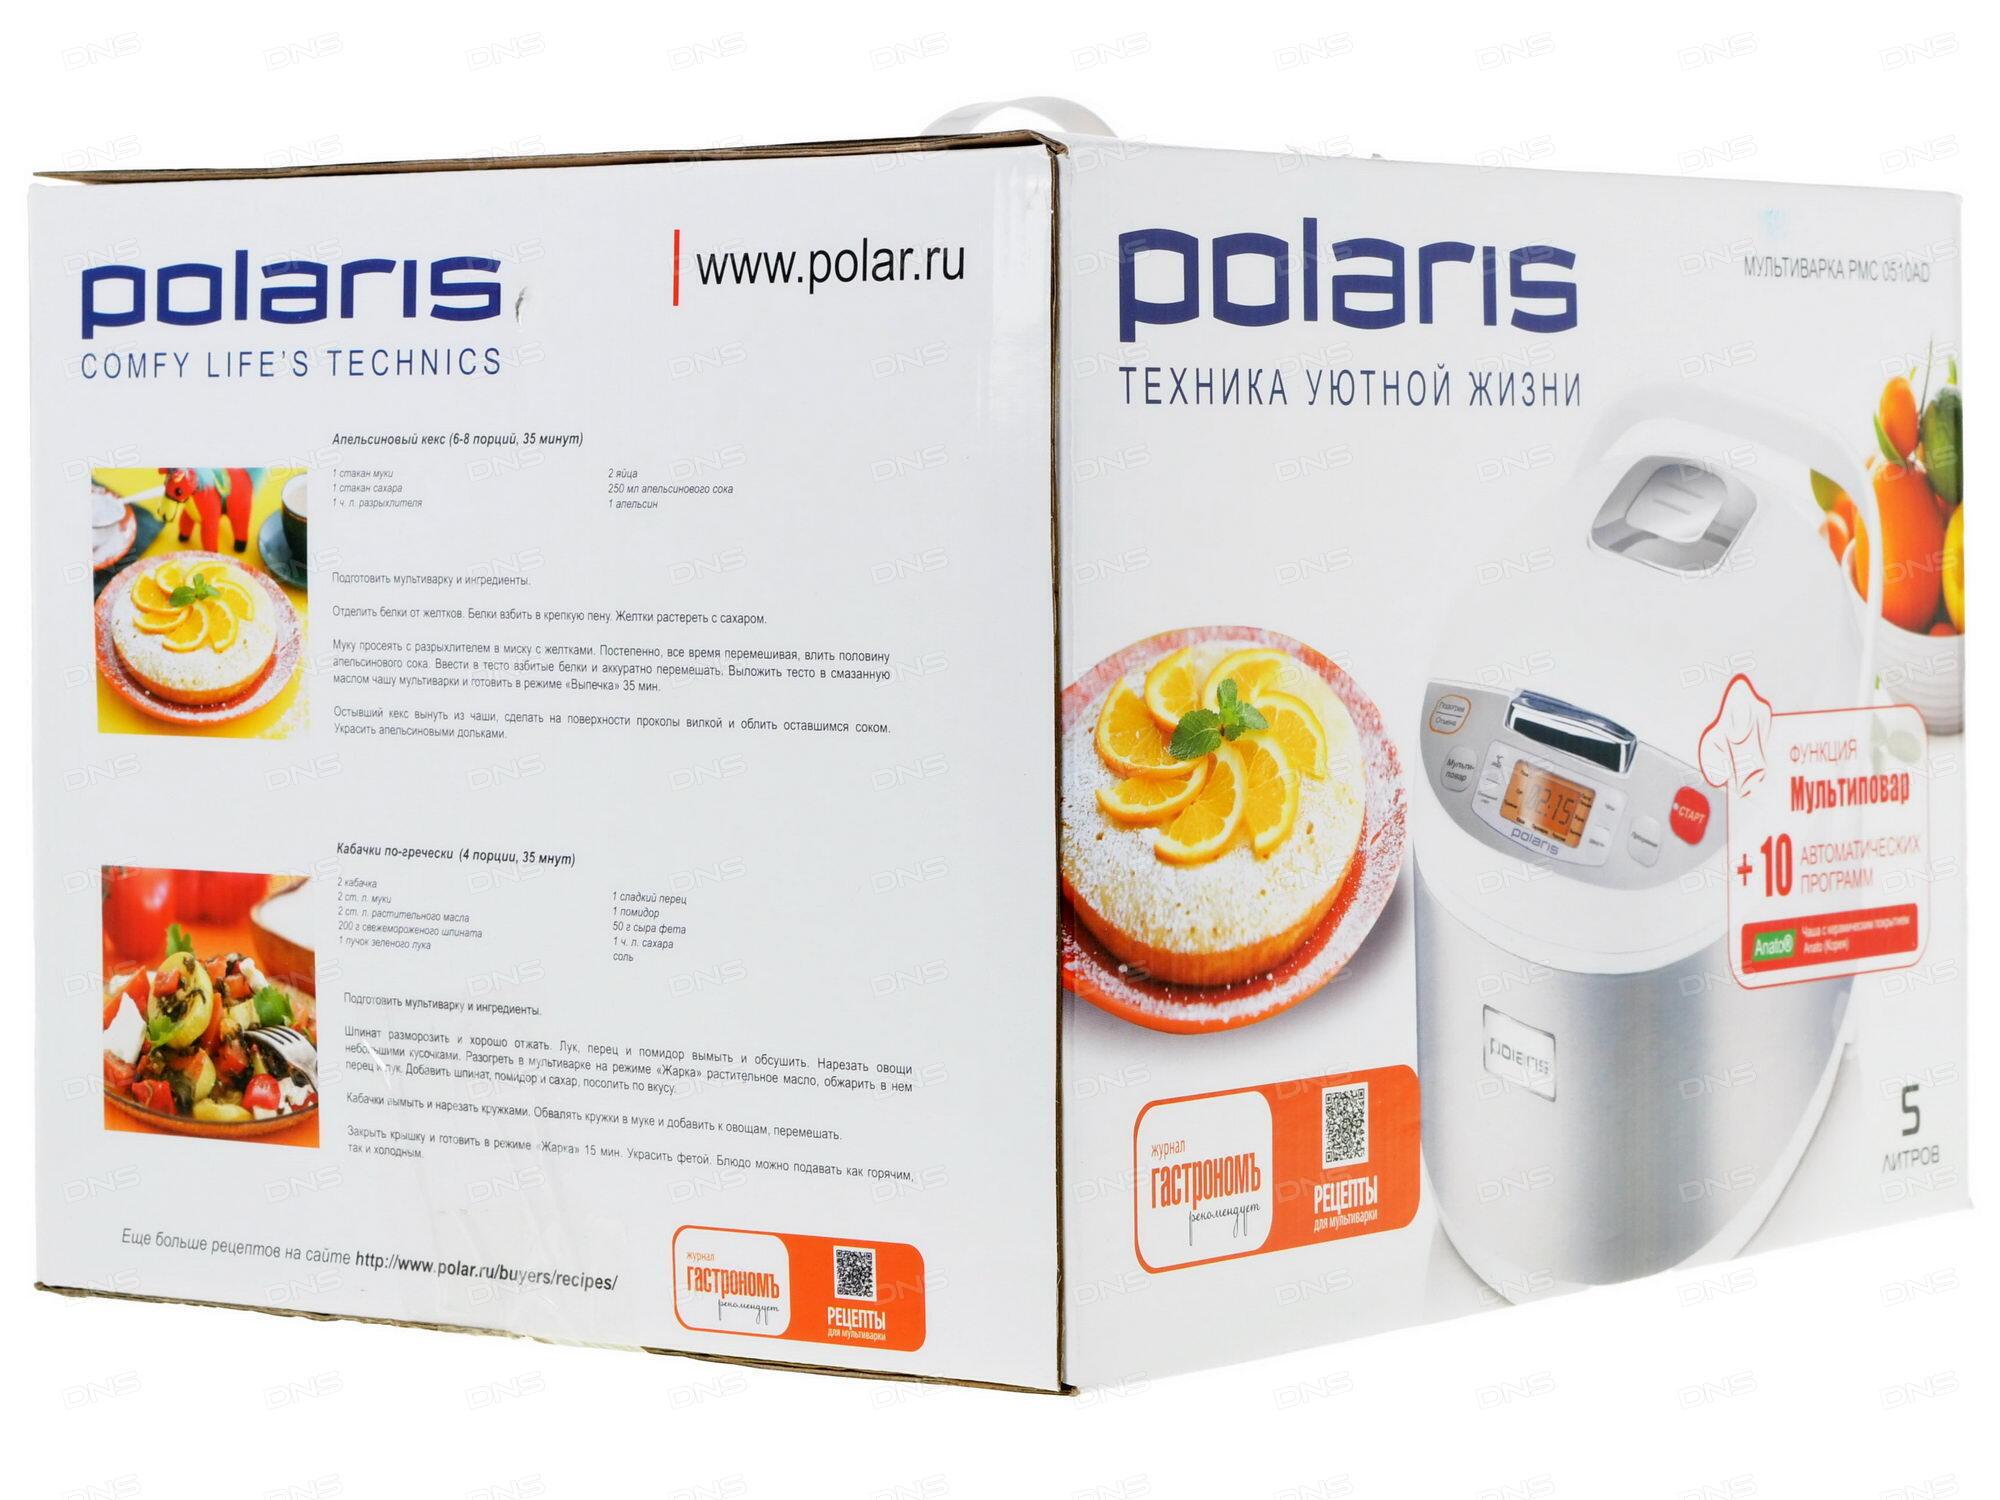 Рецепты для мультиварки поларис 0510ad